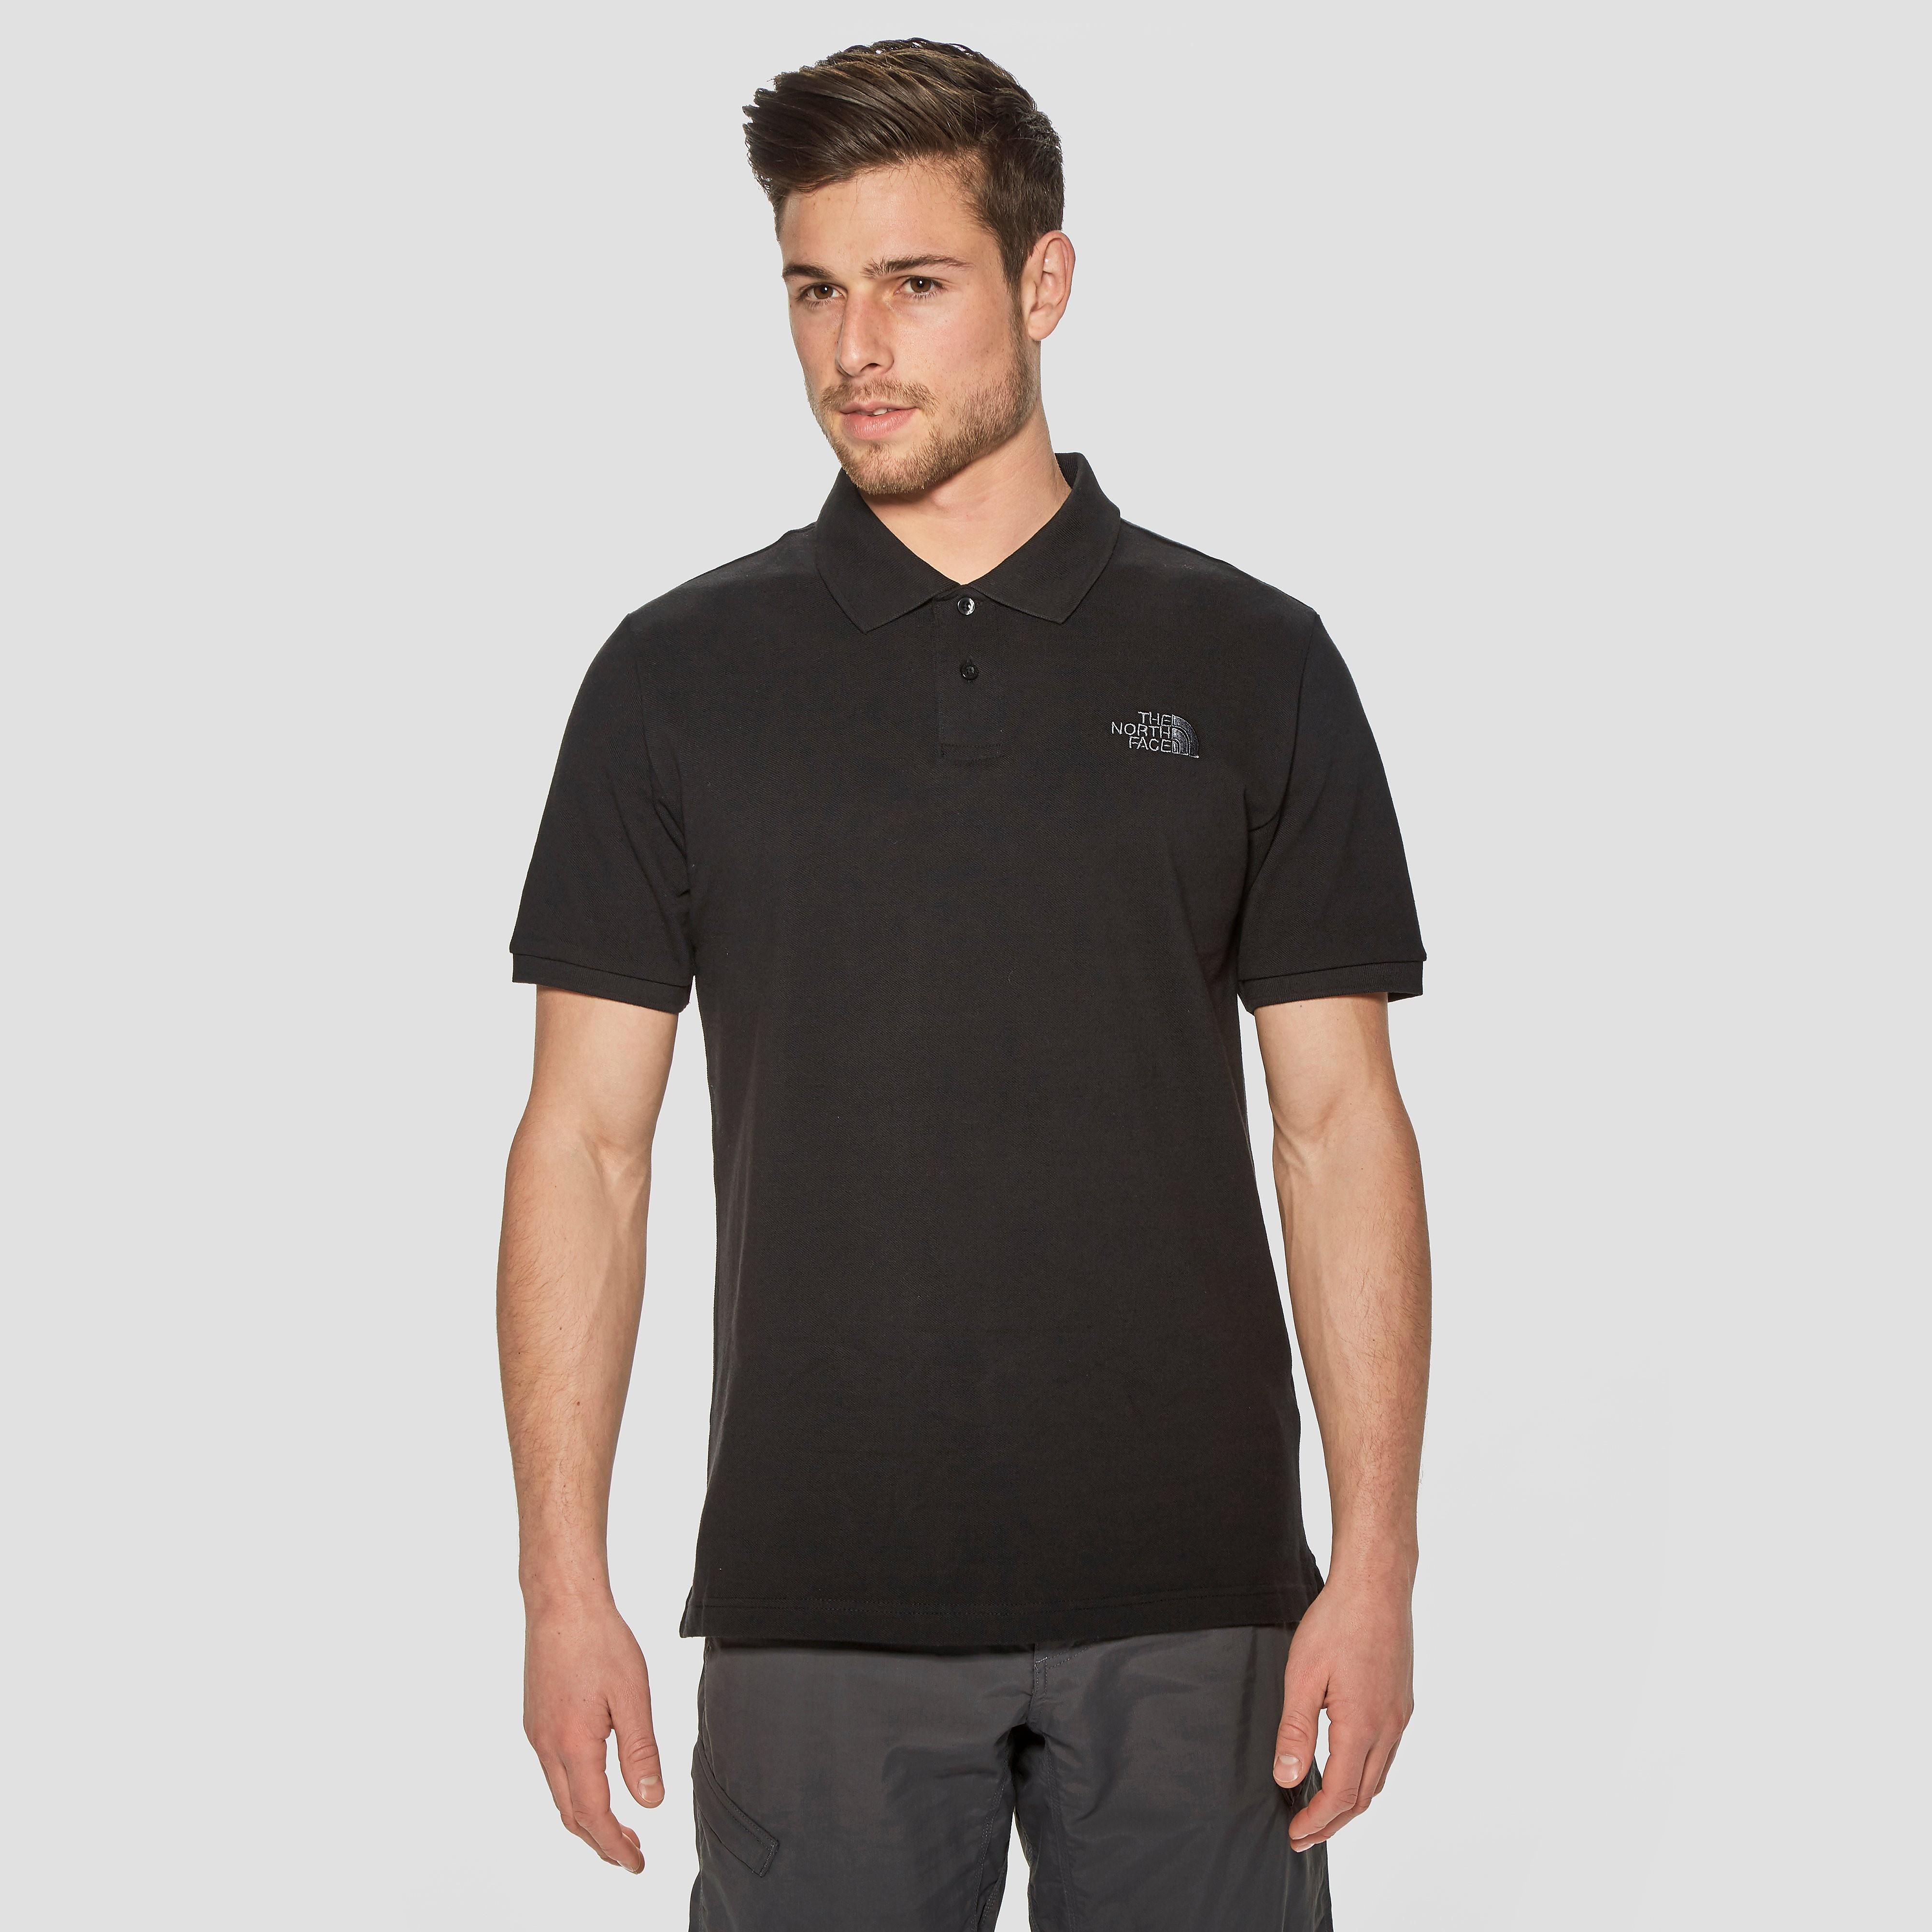 The North Face Piquet Men's Polo Shirt